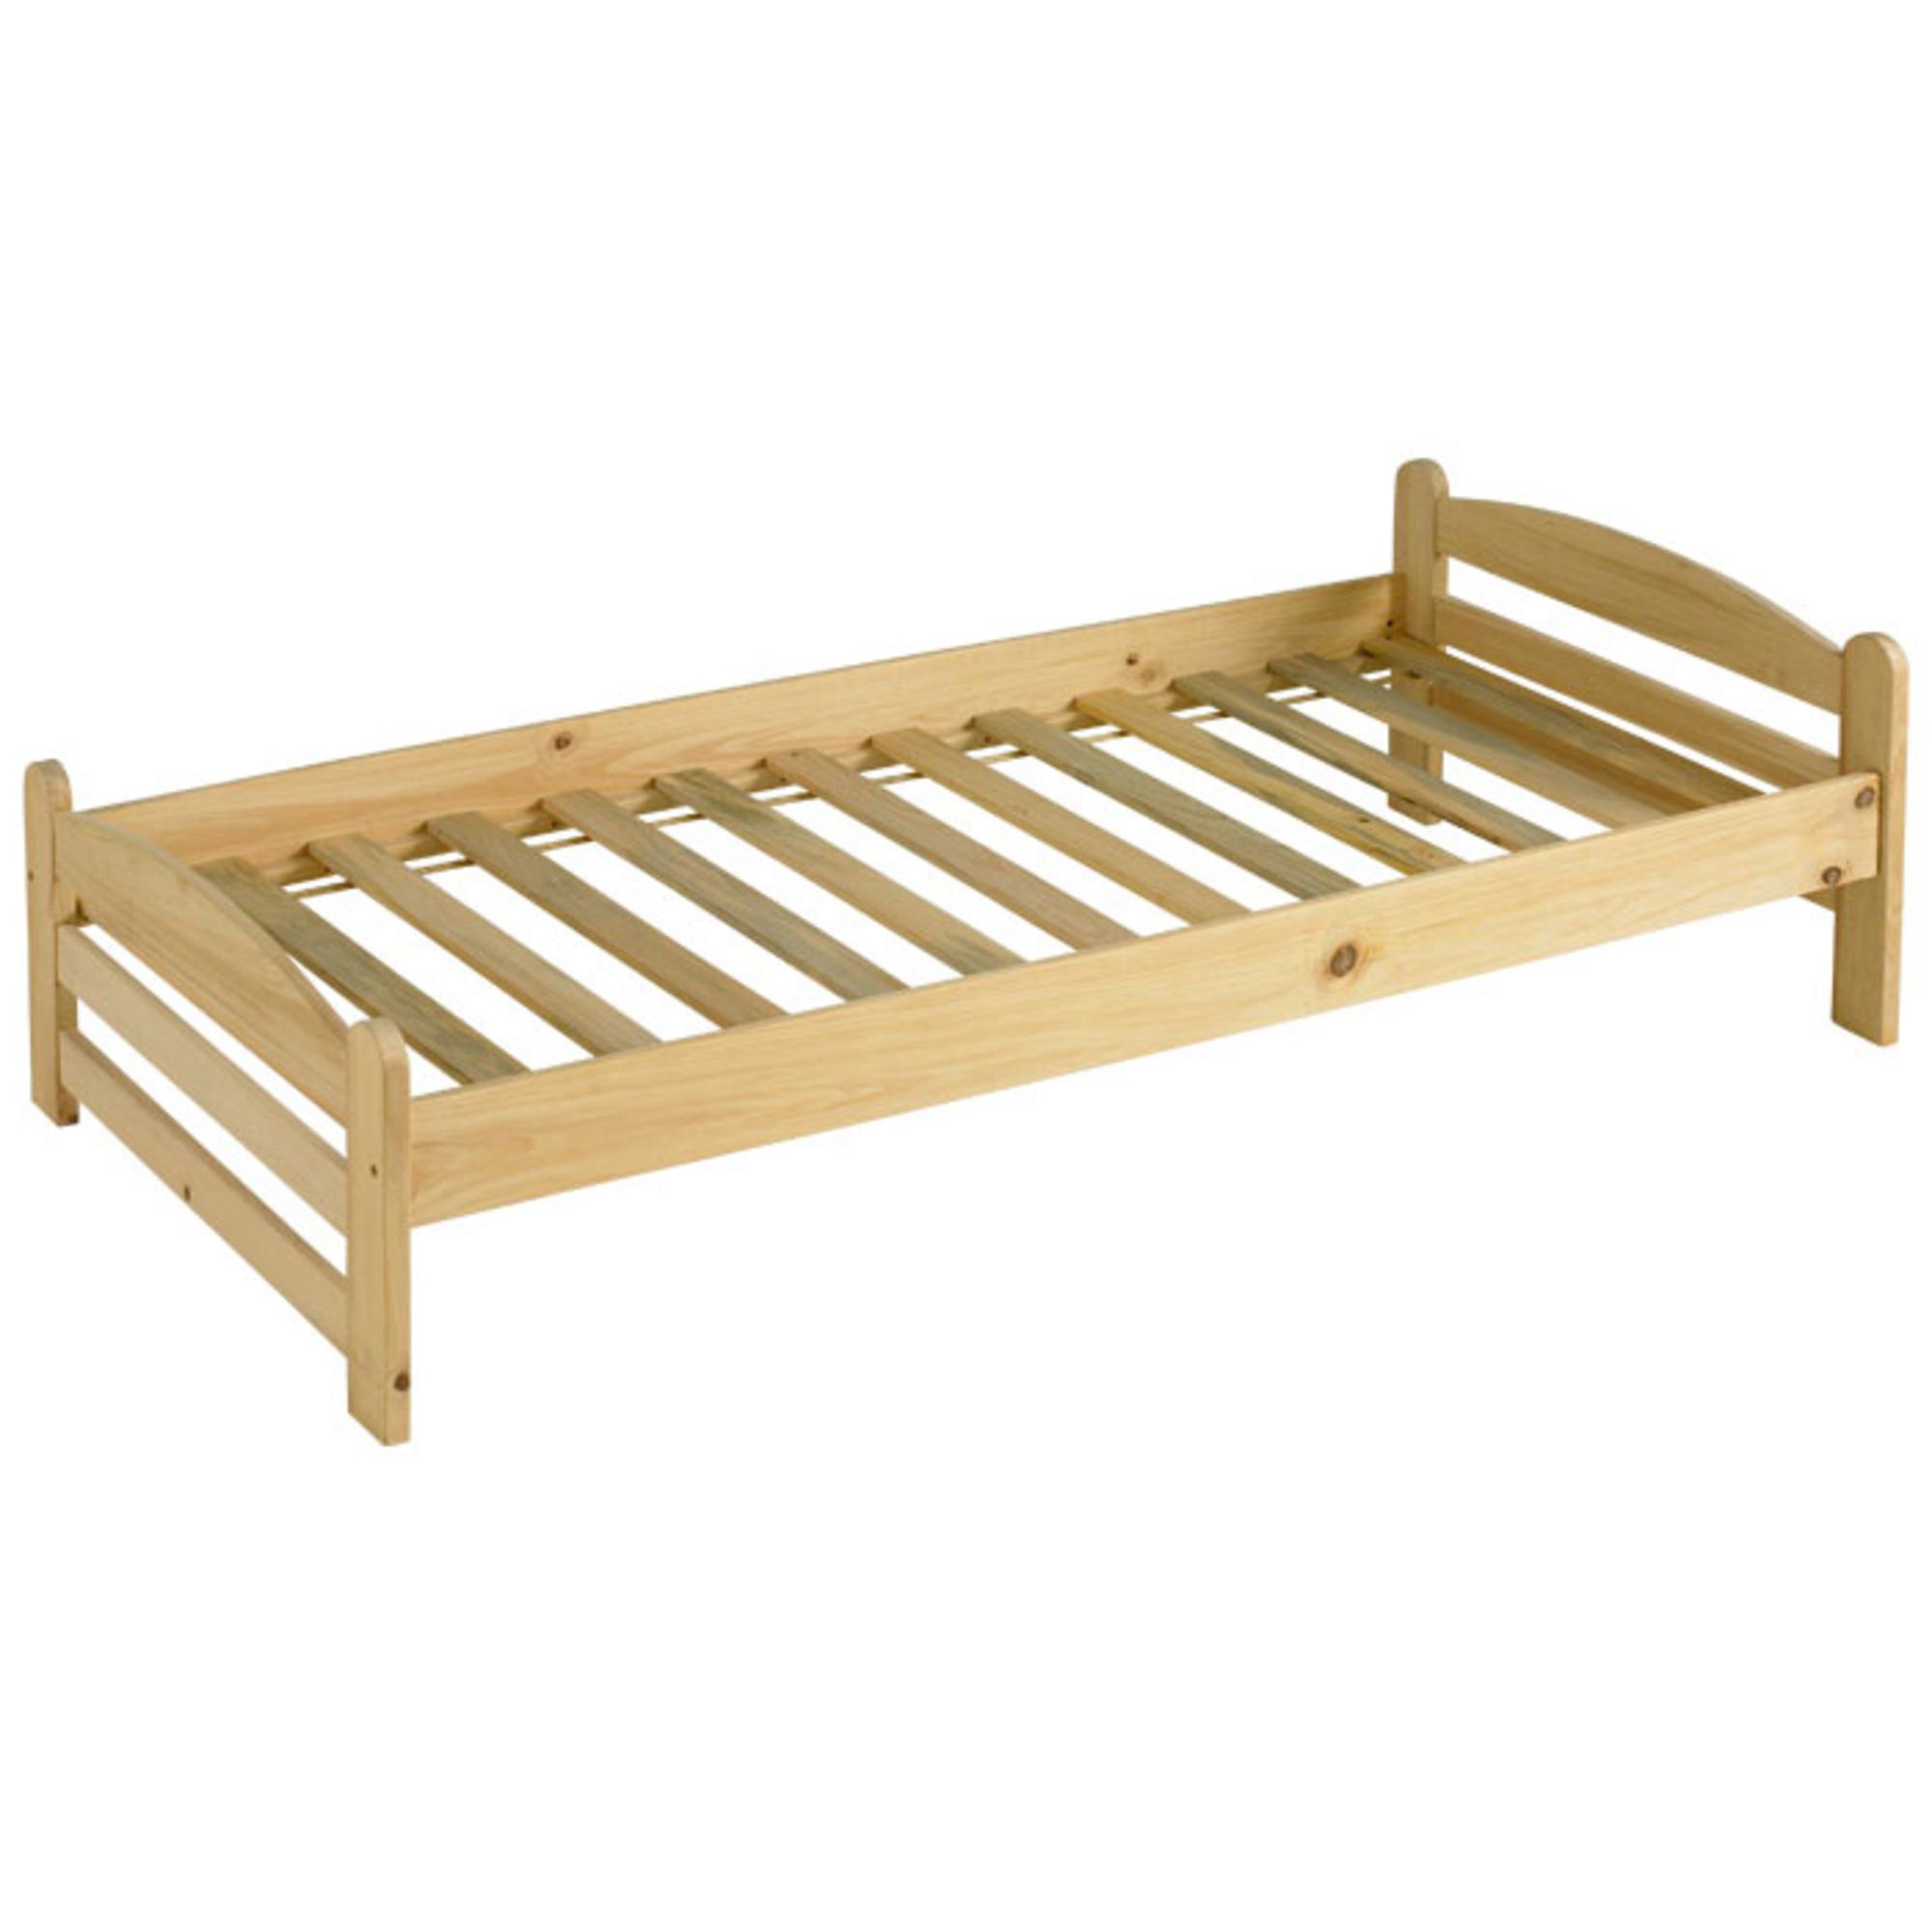 lit 90 x 190 cm damien brut frais de traitement de commande offerts acheter ce produit au. Black Bedroom Furniture Sets. Home Design Ideas